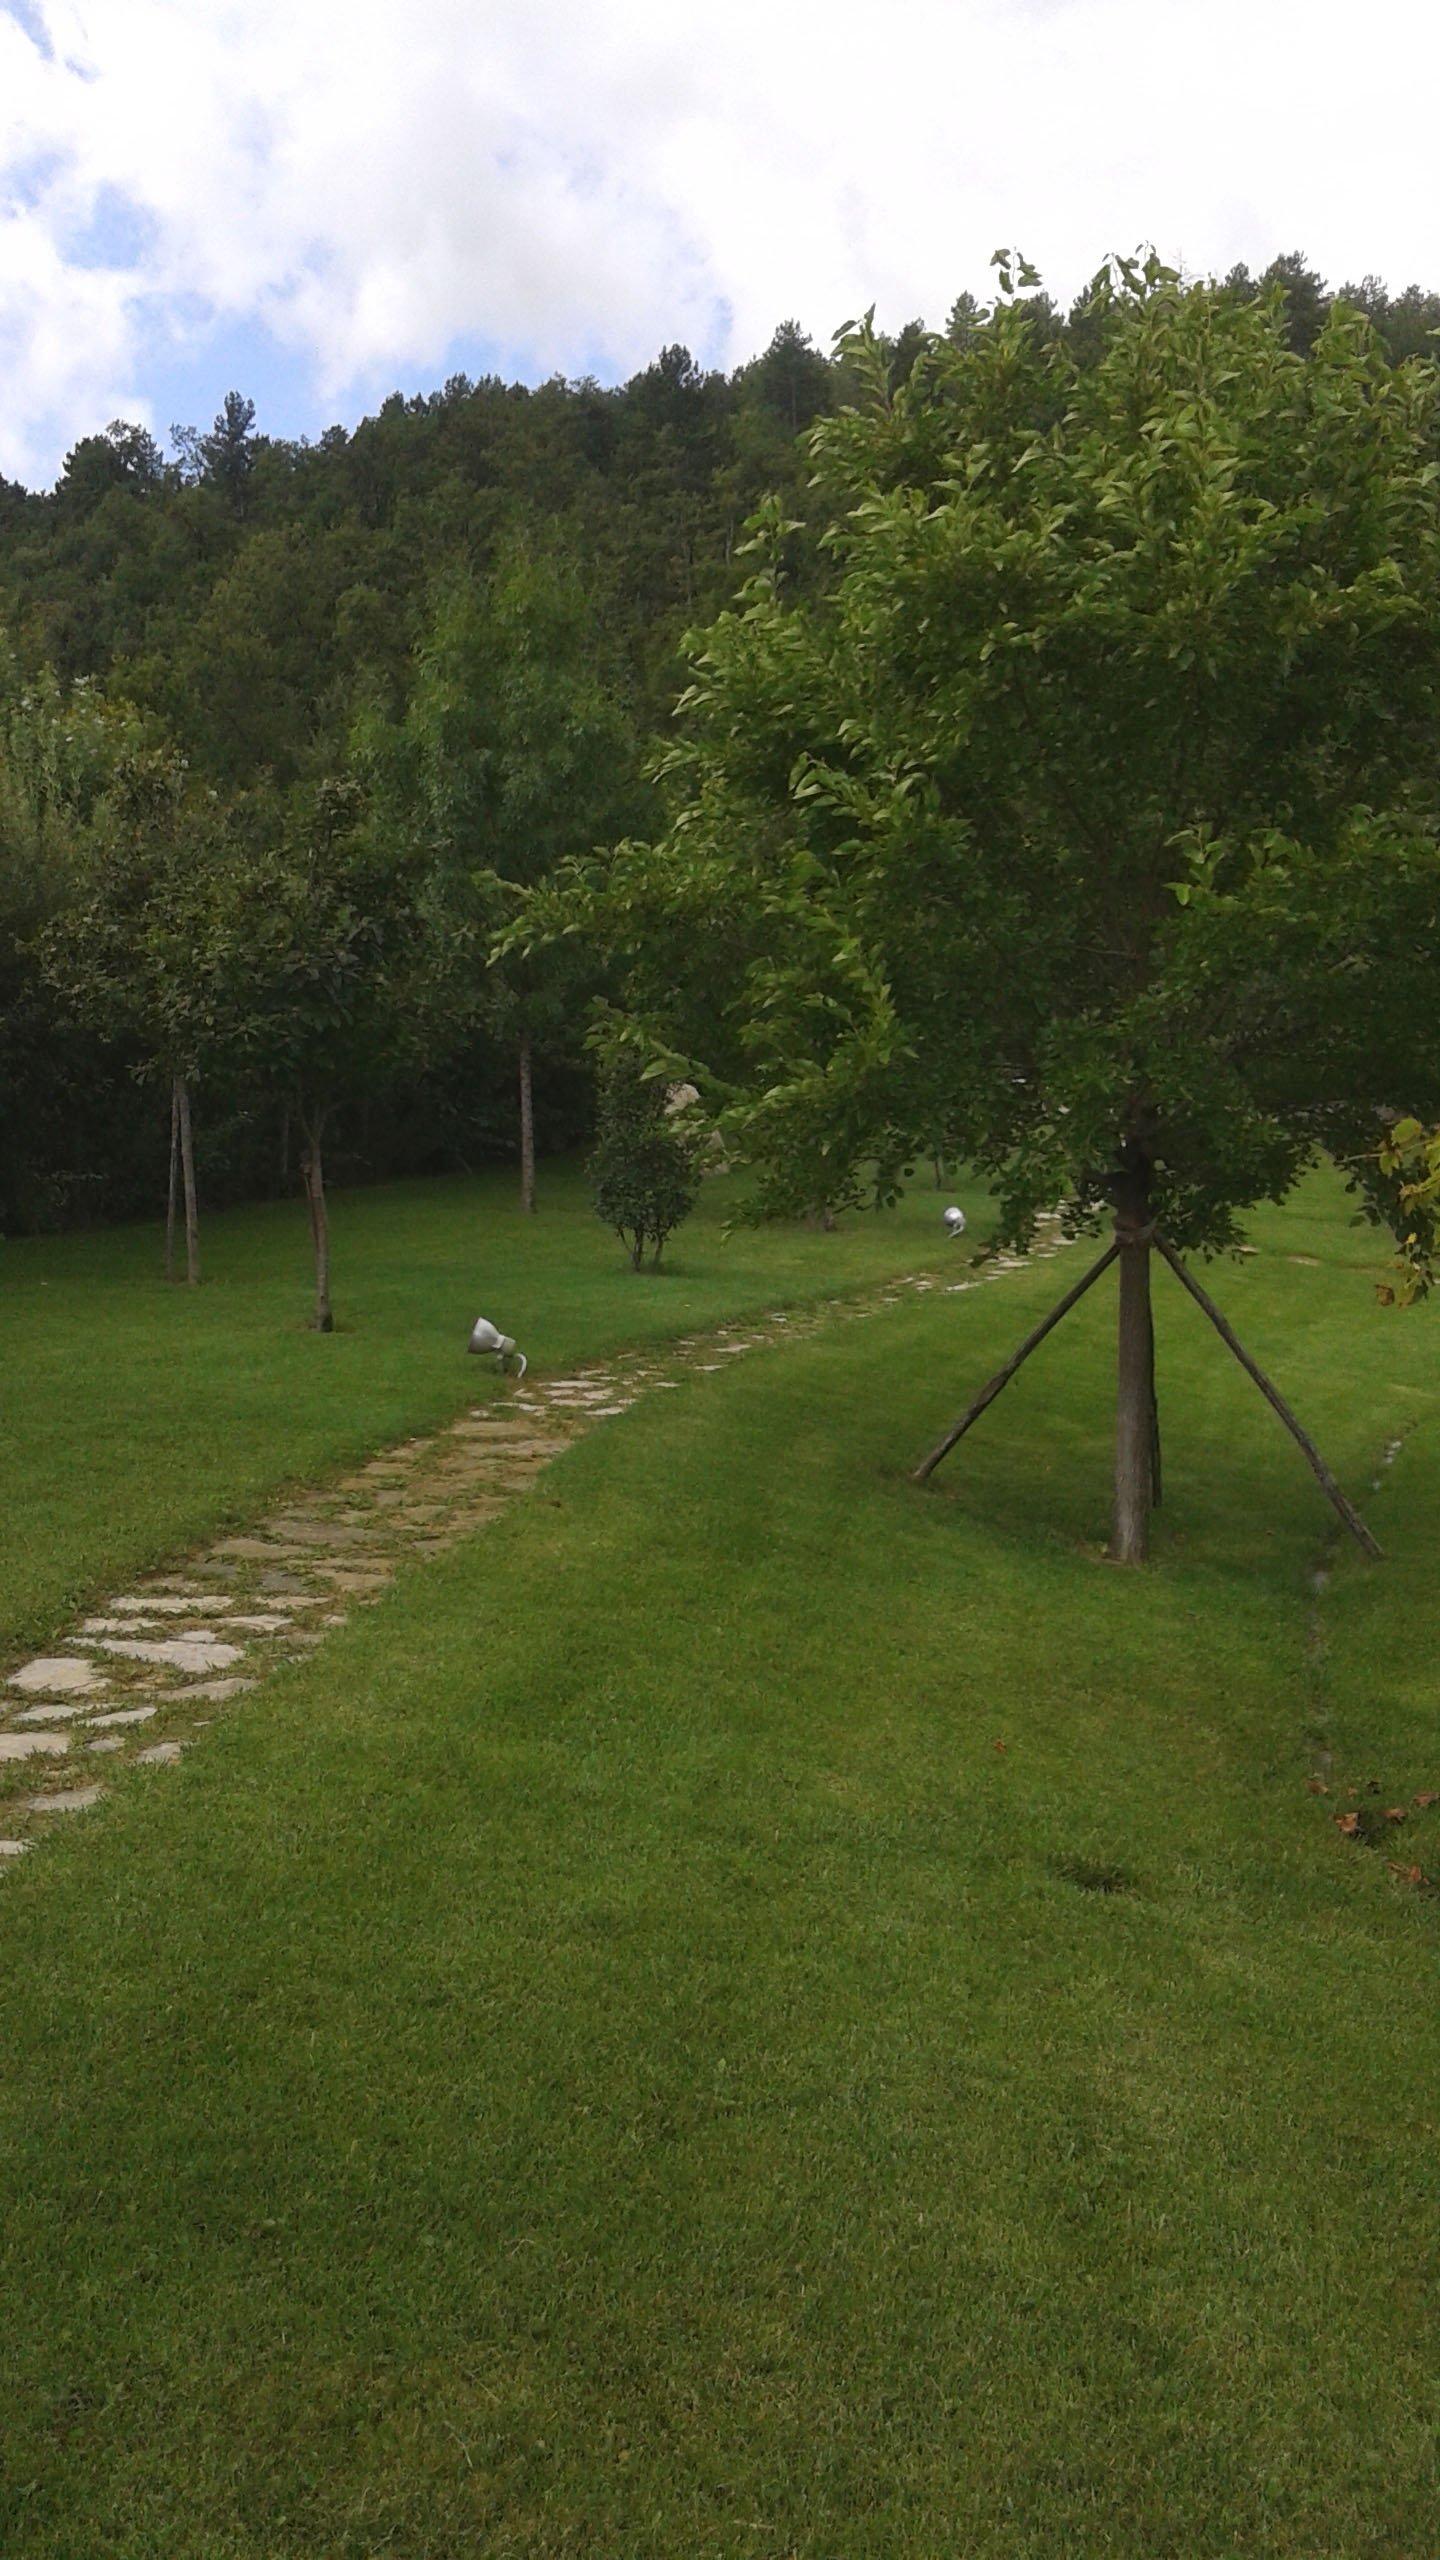 sentiero in pietra ll'interno di giardino privato